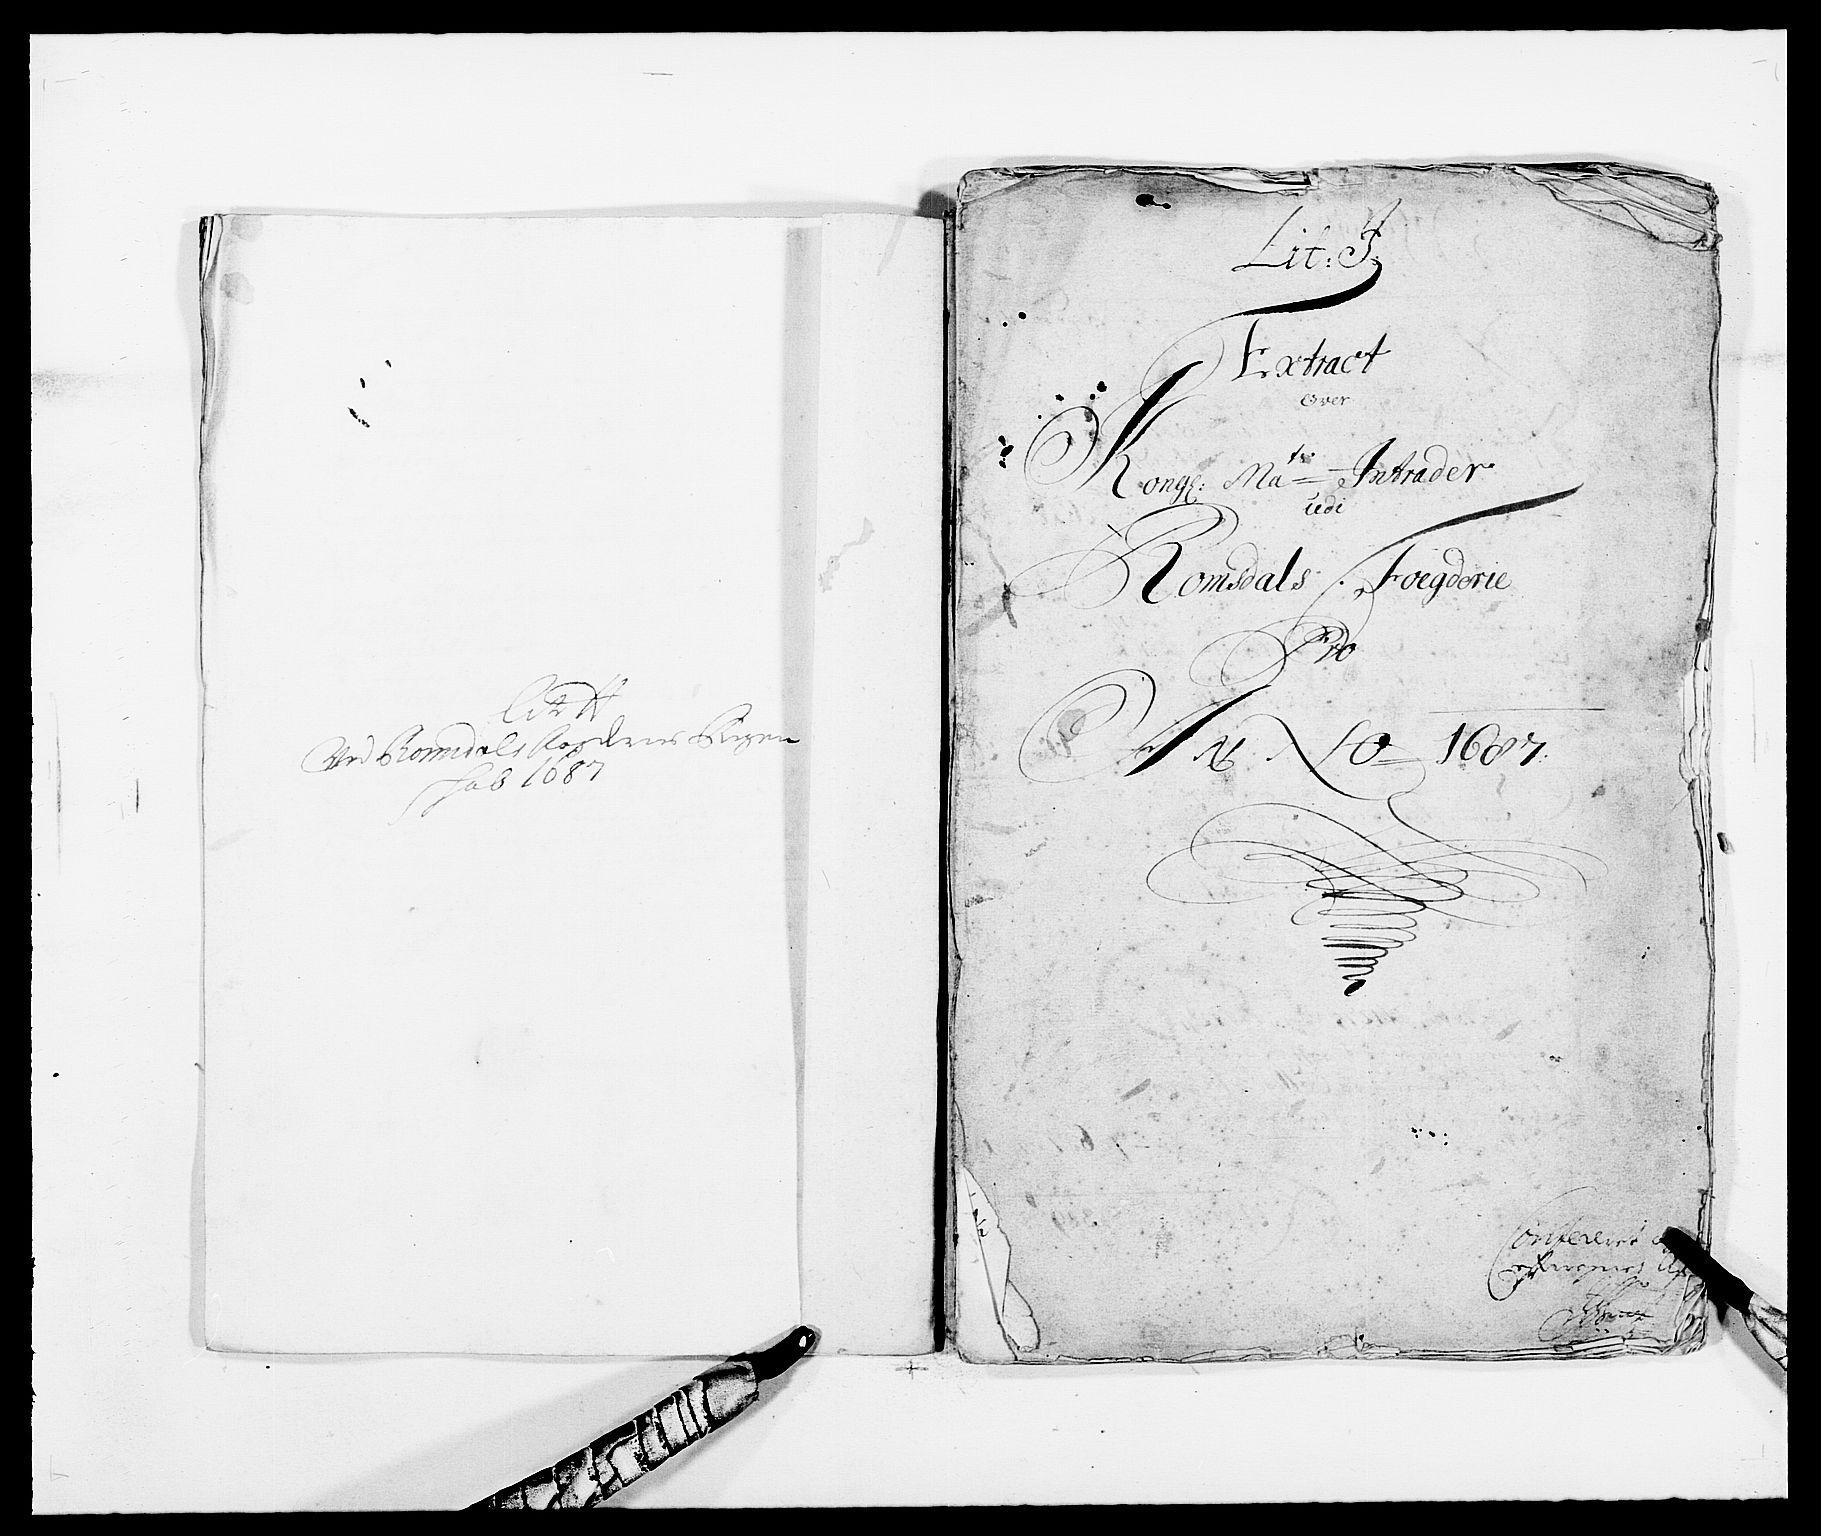 RA, Rentekammeret inntil 1814, Reviderte regnskaper, Fogderegnskap, R55/L3648: Fogderegnskap Romsdal, 1687-1689, s. 110